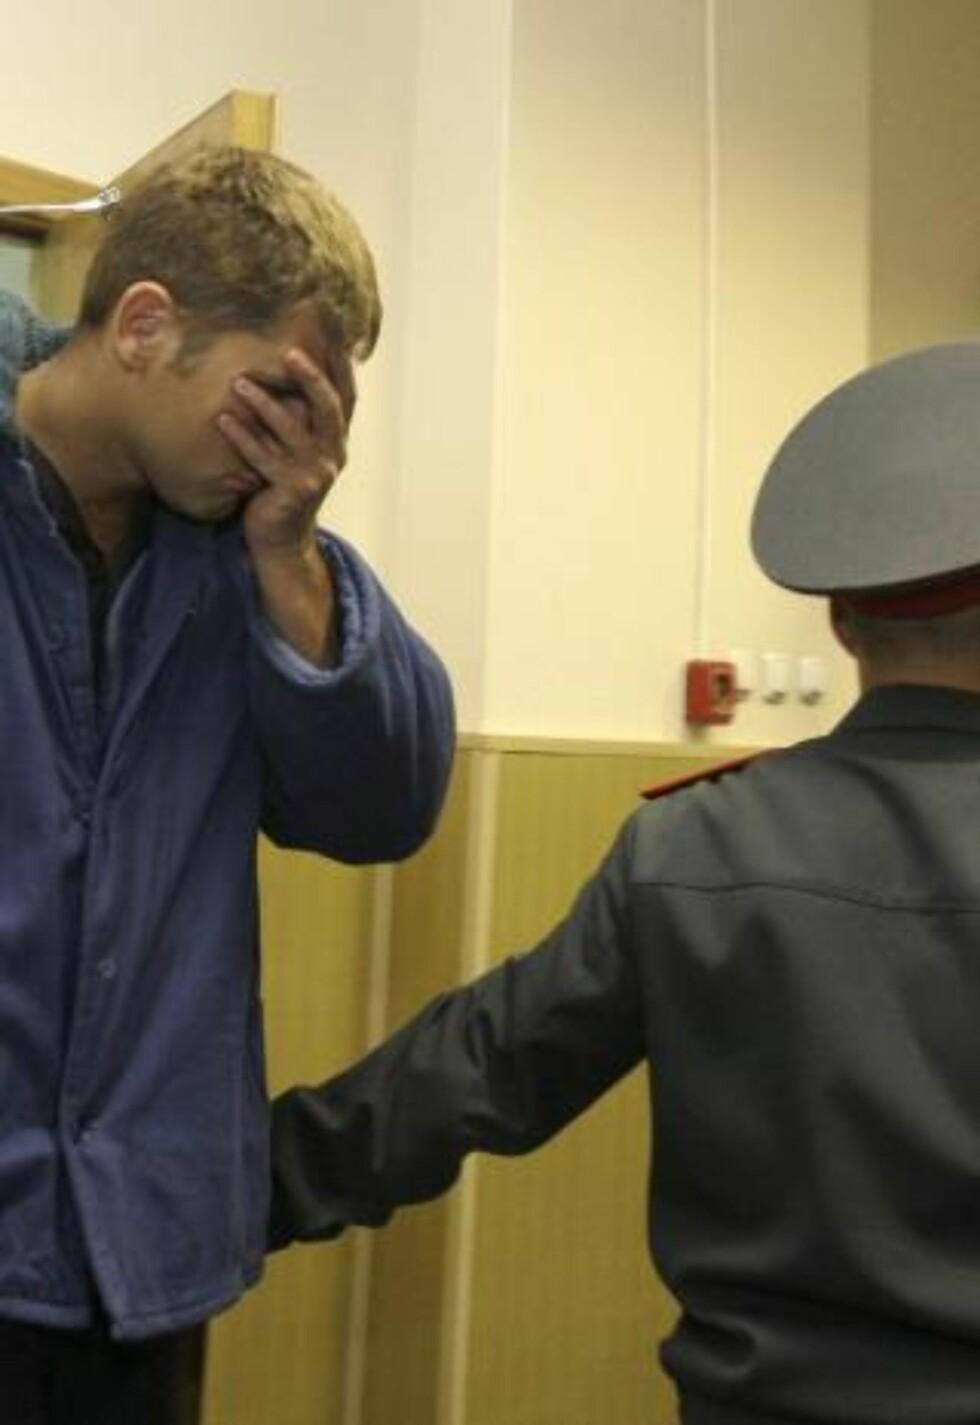 AVHØRES I DAG: De mistenkte kaprerne har blitt fraktet fra Kapp Verde til Moskva, der de skal avhøres av russisk politi de neste dagene. Foto:  REUTERS/SCANPIX